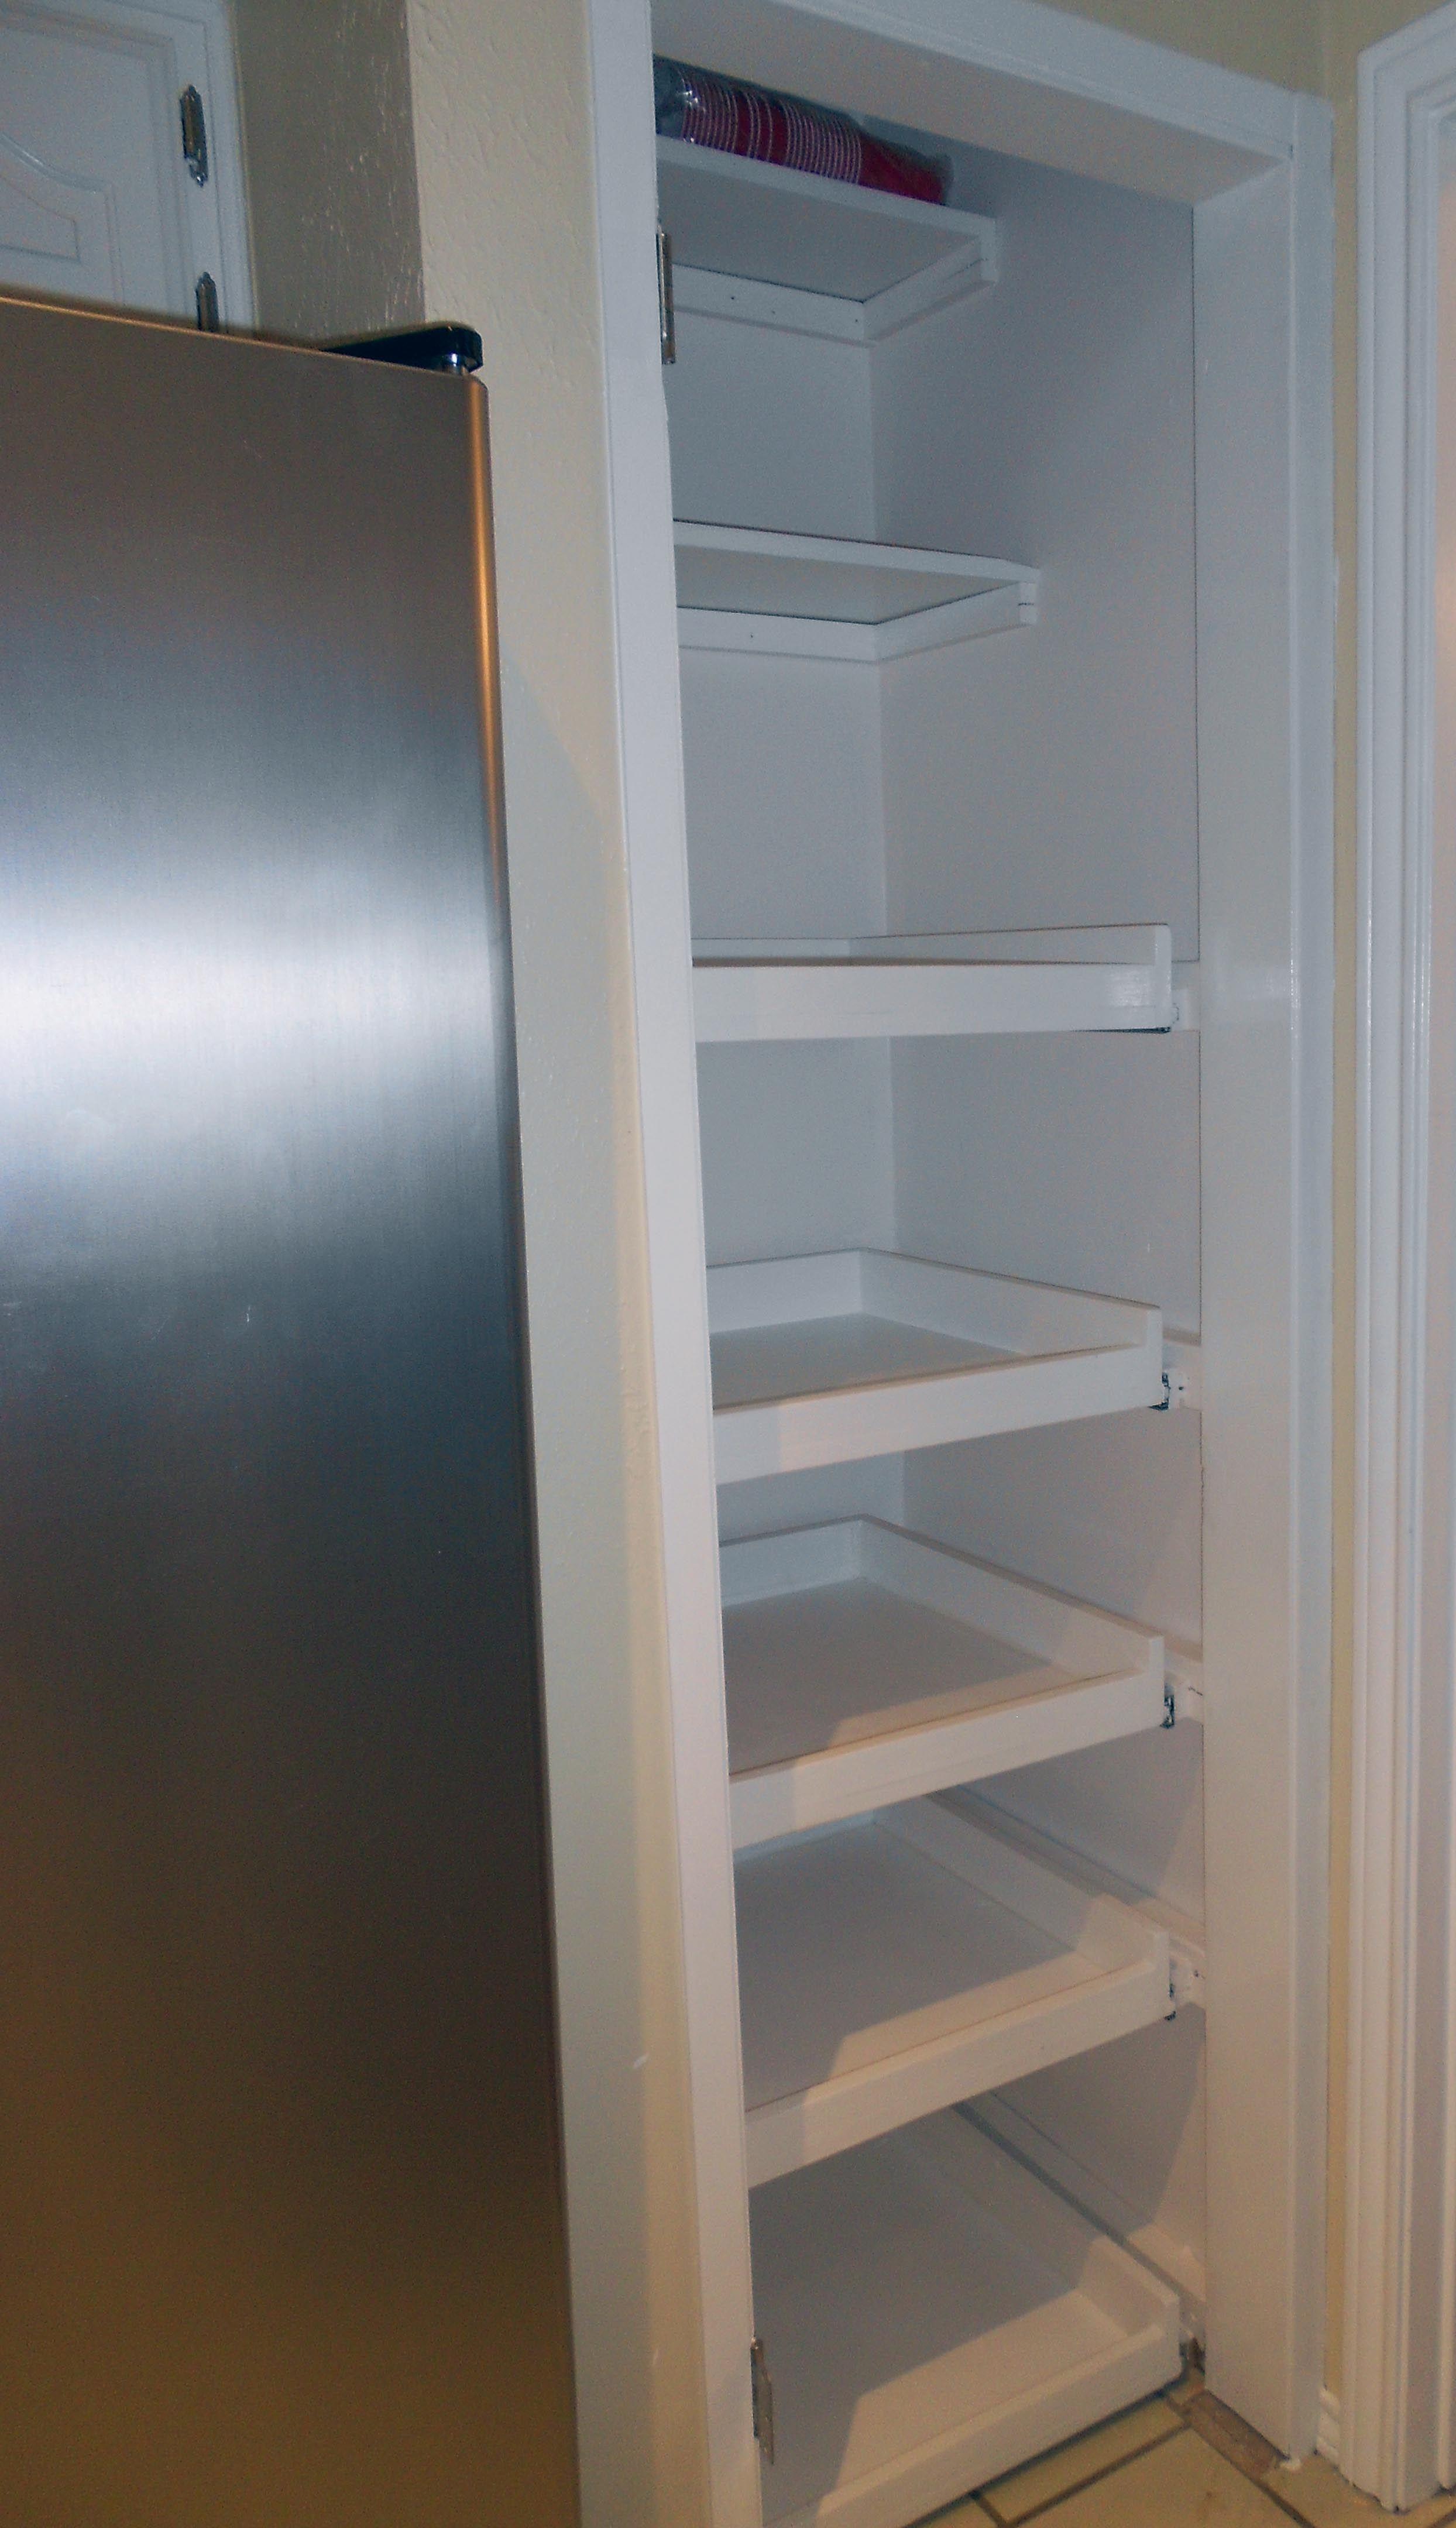 Extended shelf life pantry redo shelves diy pull out